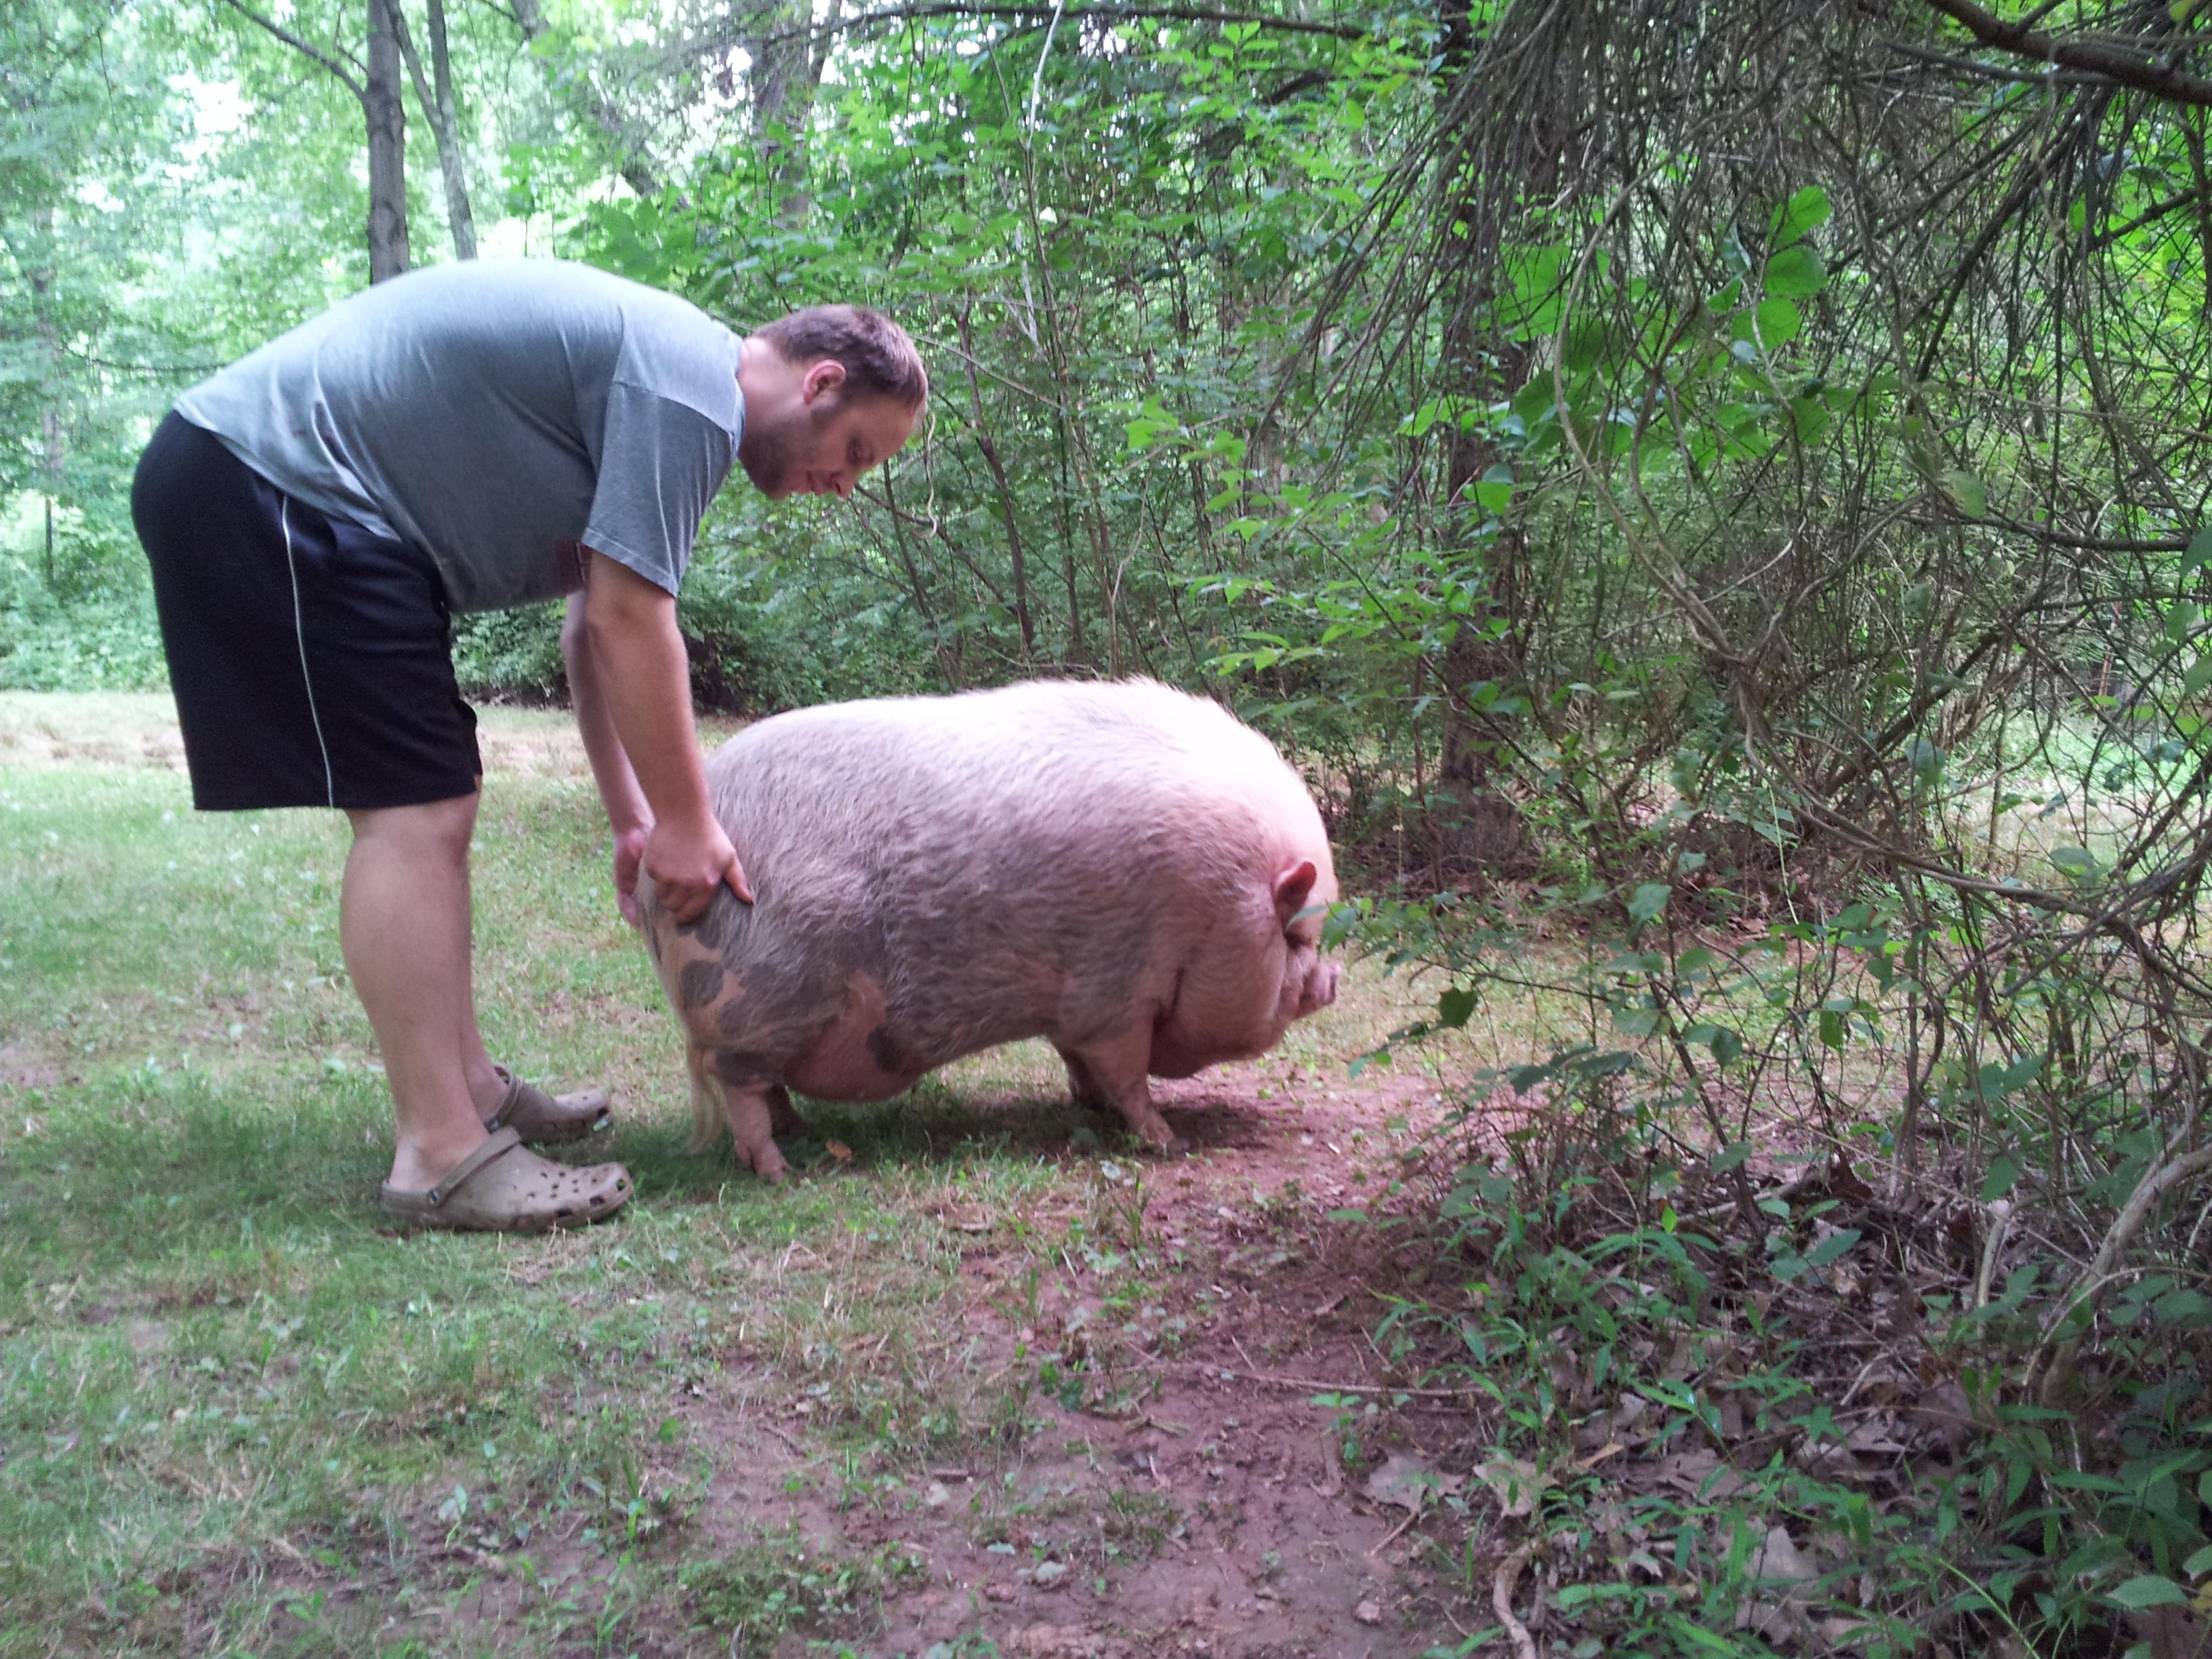 He's a big pig!